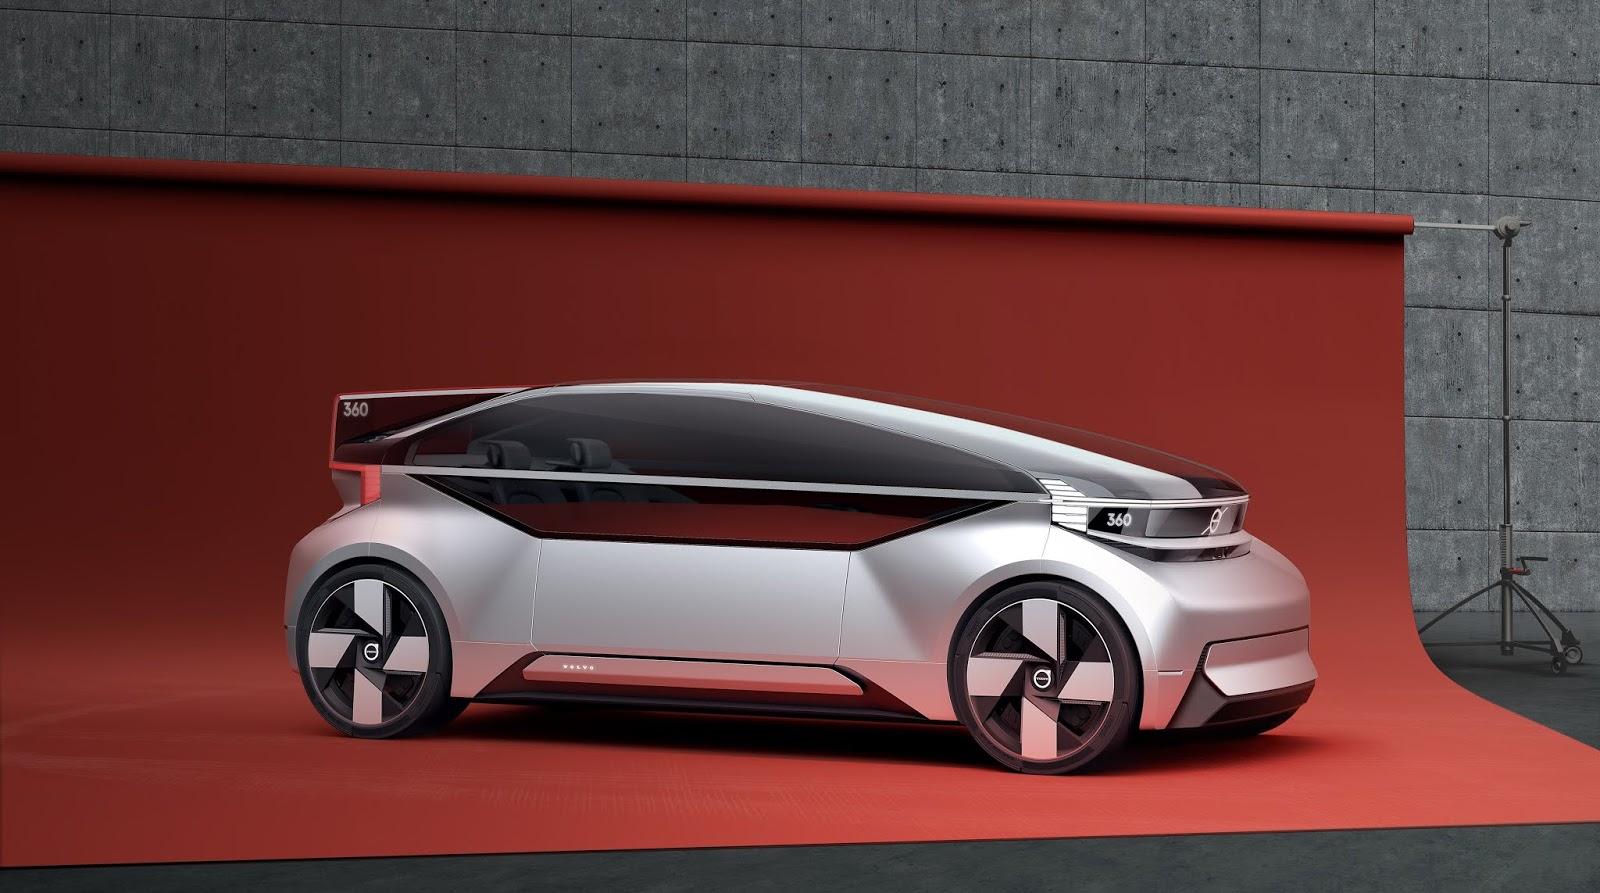 Το όραμα της Volvo χωρίς... τιμόνι Electric cars, Volvo, αυτόνομα, Αυτόνομη οδήγηση, Τεχνολογία